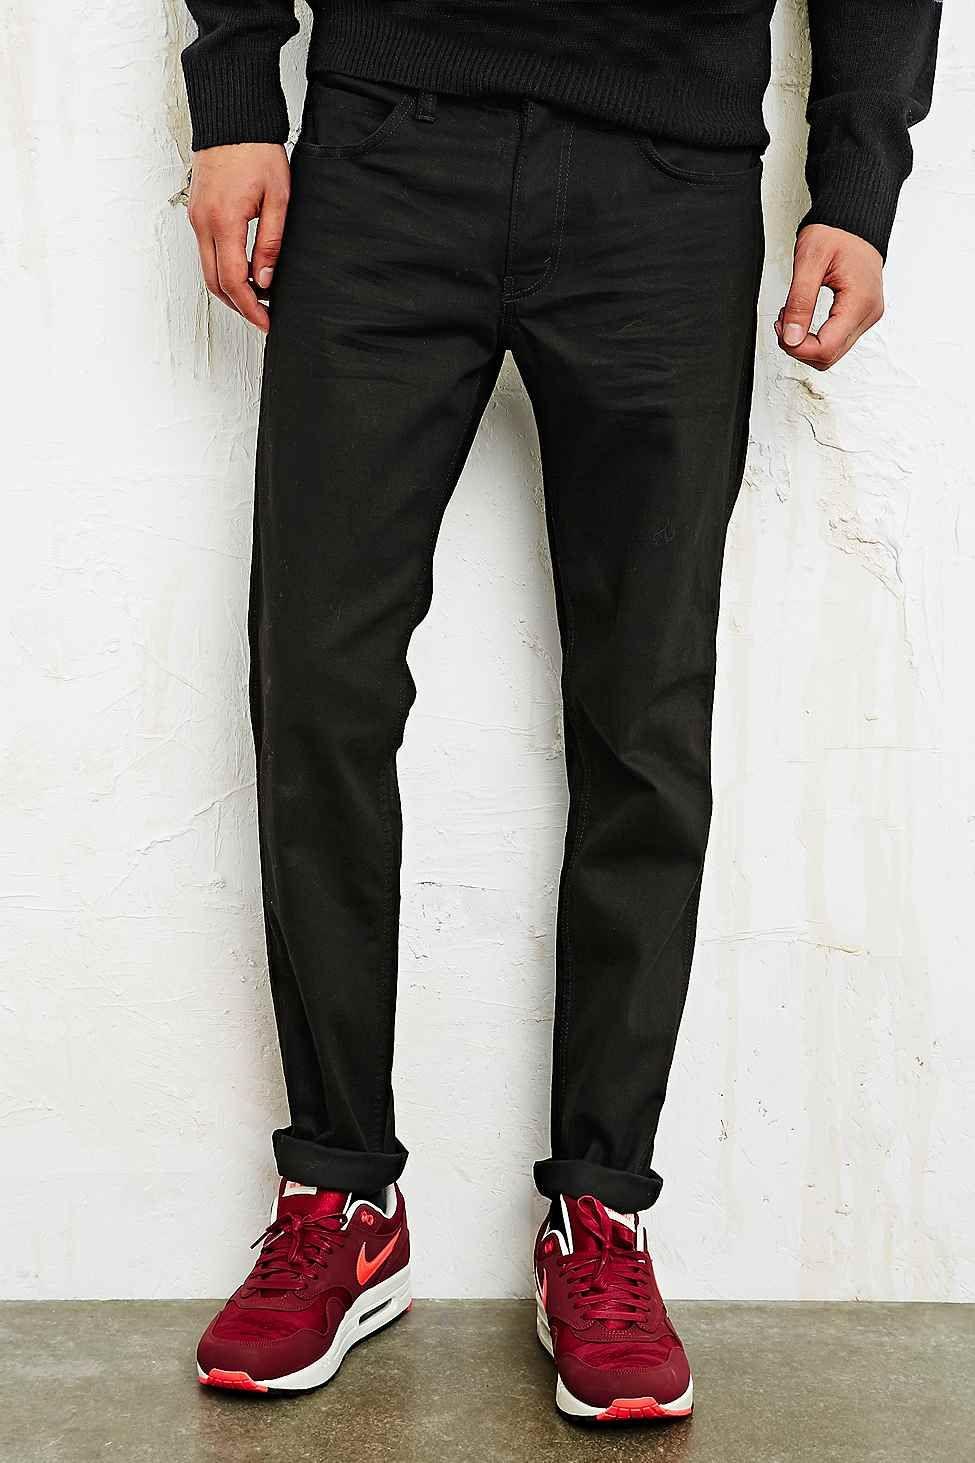 Levis 511 mens jeans levis slim fit jeans jeans